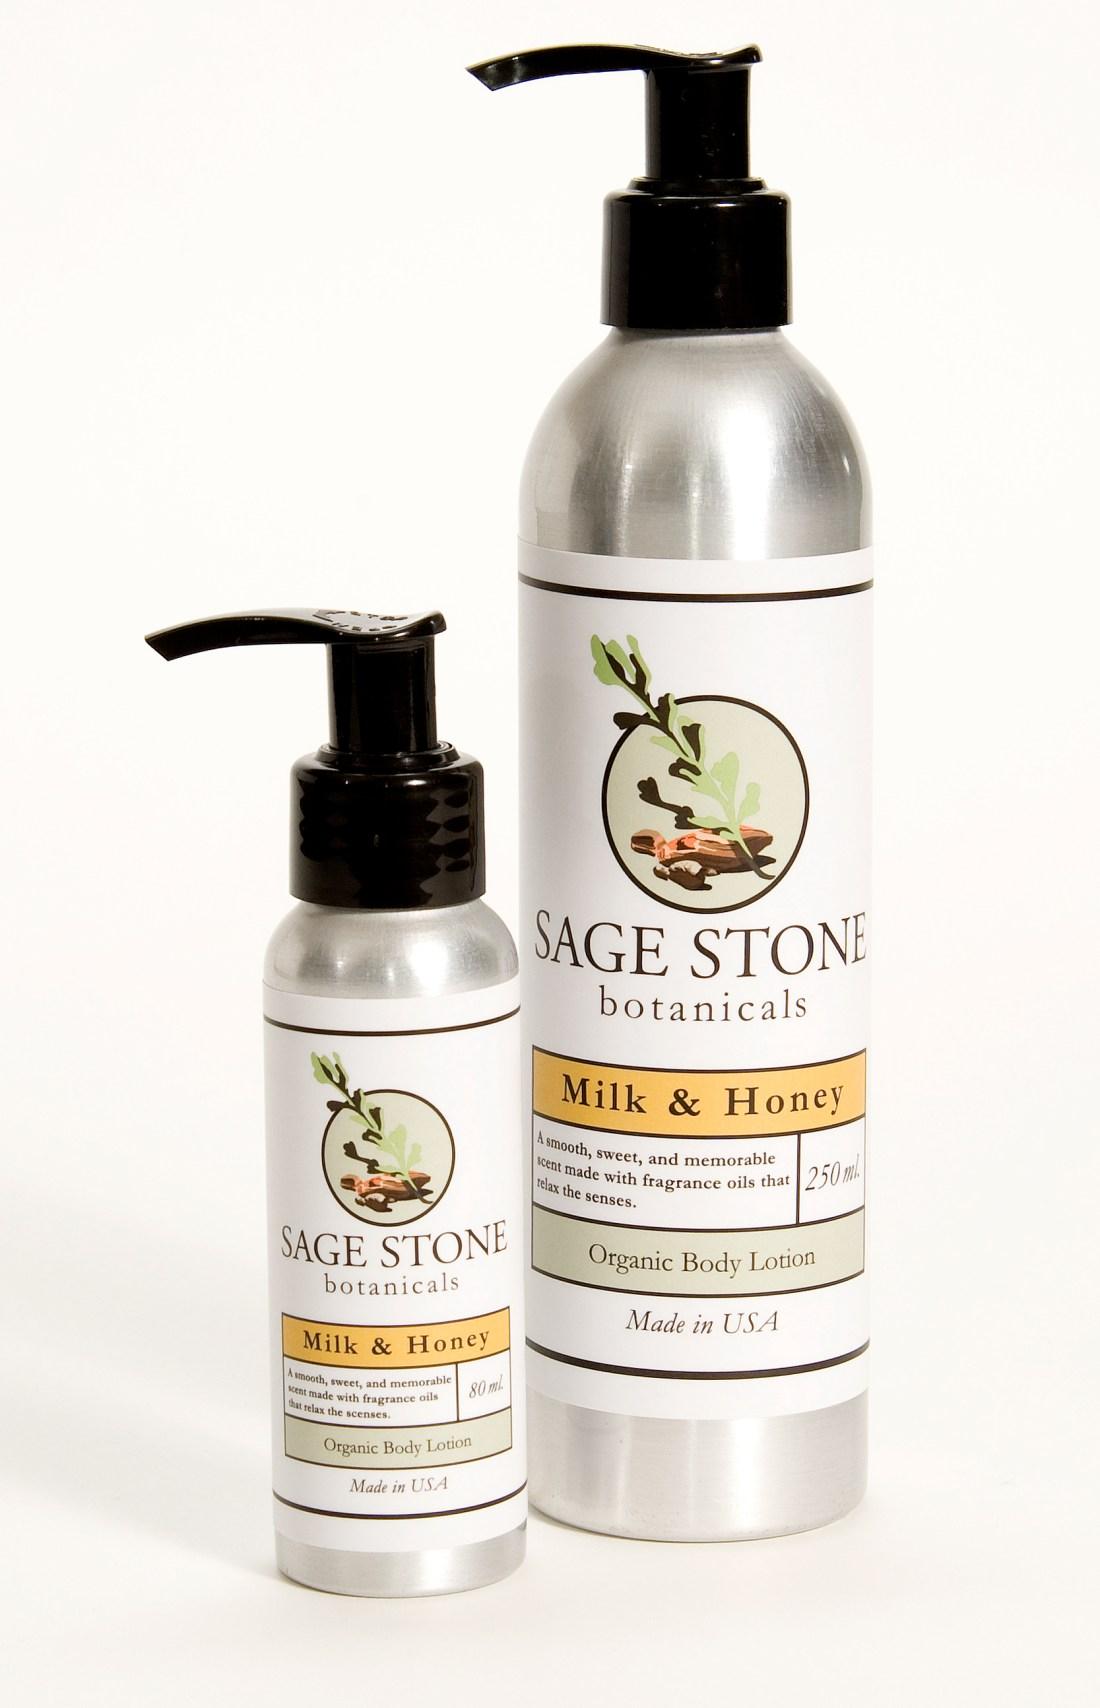 Custom Labels for Sage Stone Botanicals